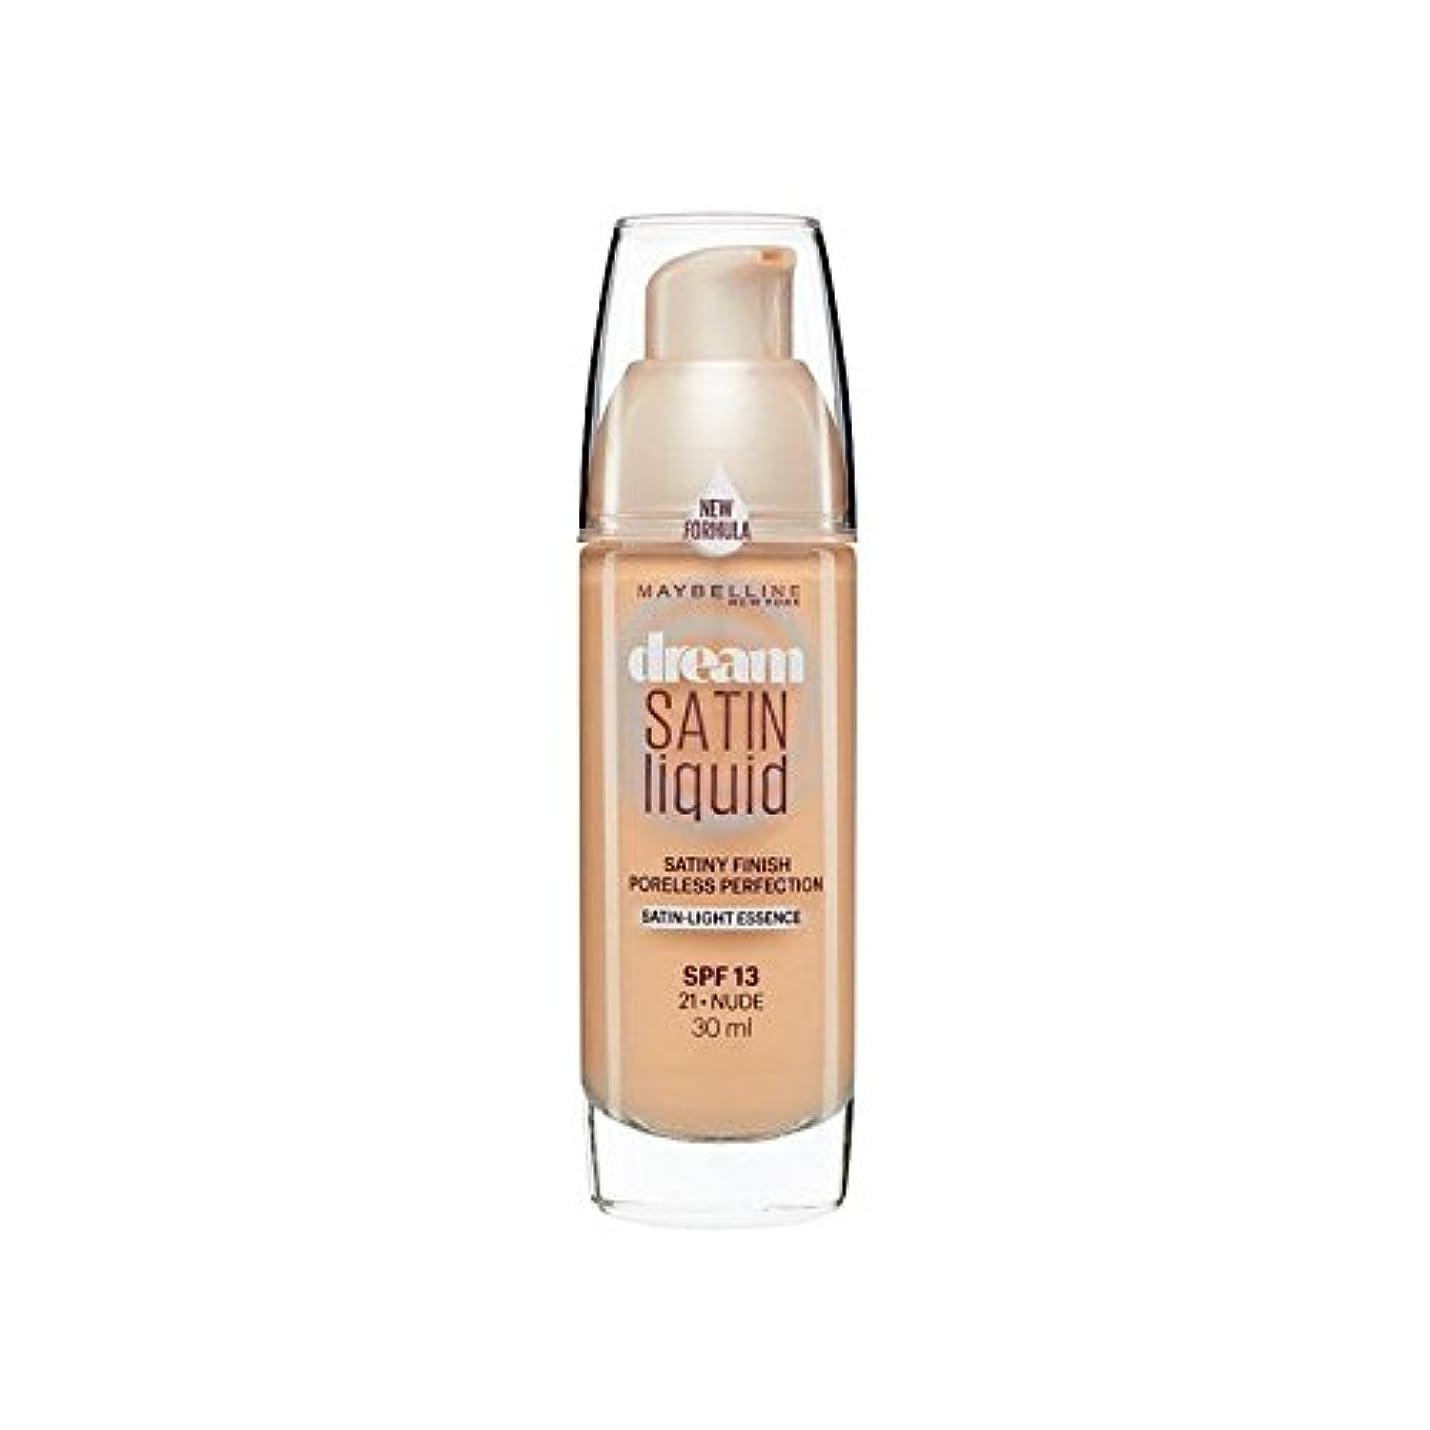 控えめな肌一見Maybelline Dream Satin Liquid Foundation 21 Nude 30ml (Pack of 6) - メイベリン夢サテンリキッドファンデーション21ヌード30ミリリットル x6 [並行輸入品]